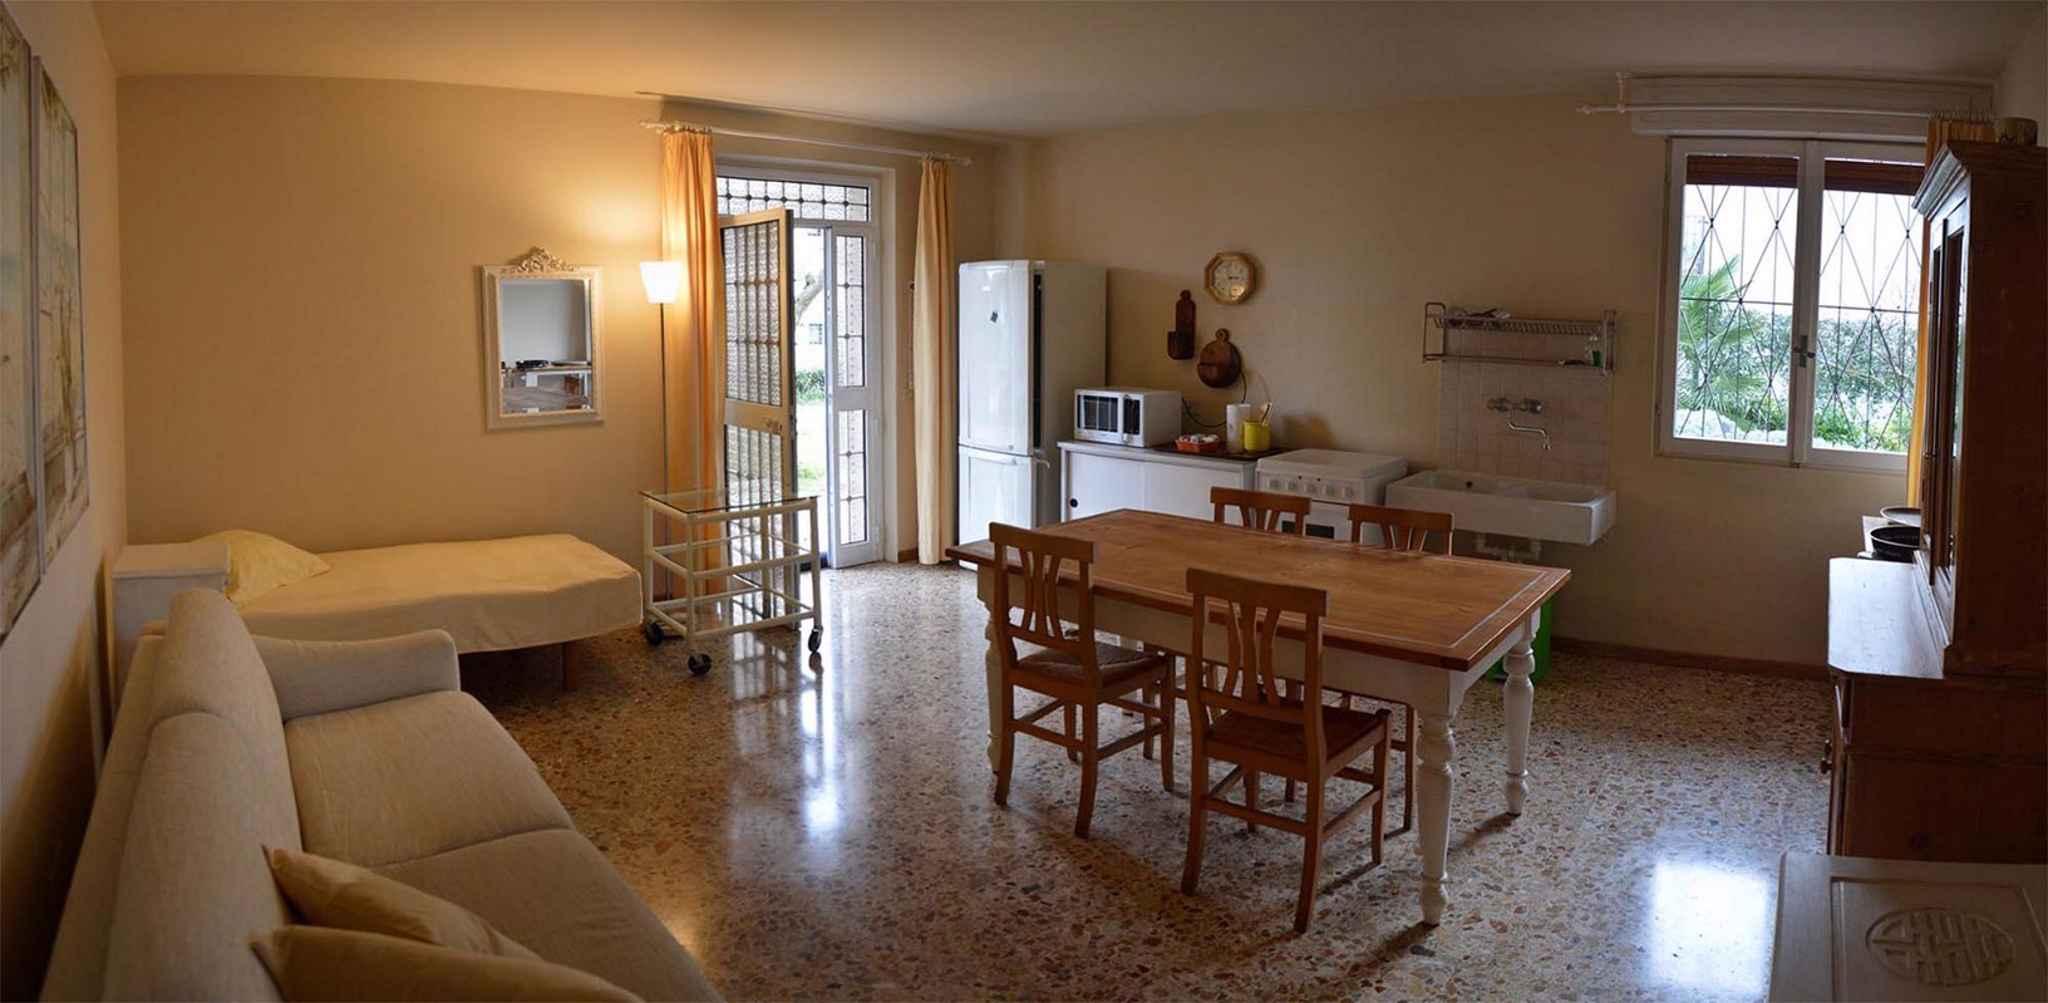 Ferienwohnung 400 m vom See mit Garten und Grill (1670470), Padenghe sul Garda, Gardasee, Lombardei, Italien, Bild 20